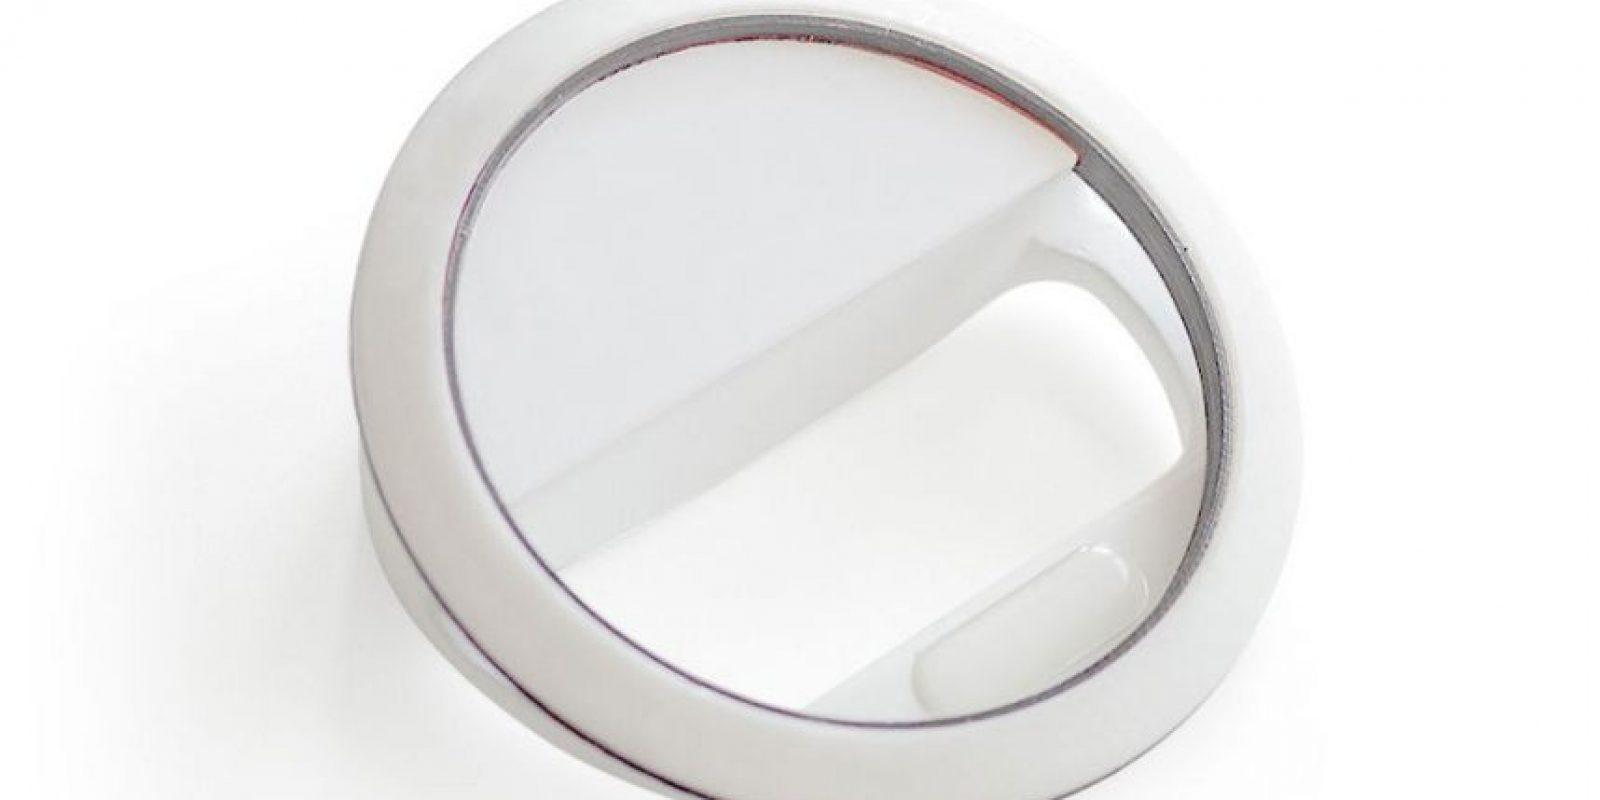 El anillo brillante tomó como base la iluminación usada en las cámaras fotográficas profesionales Foto:Kira